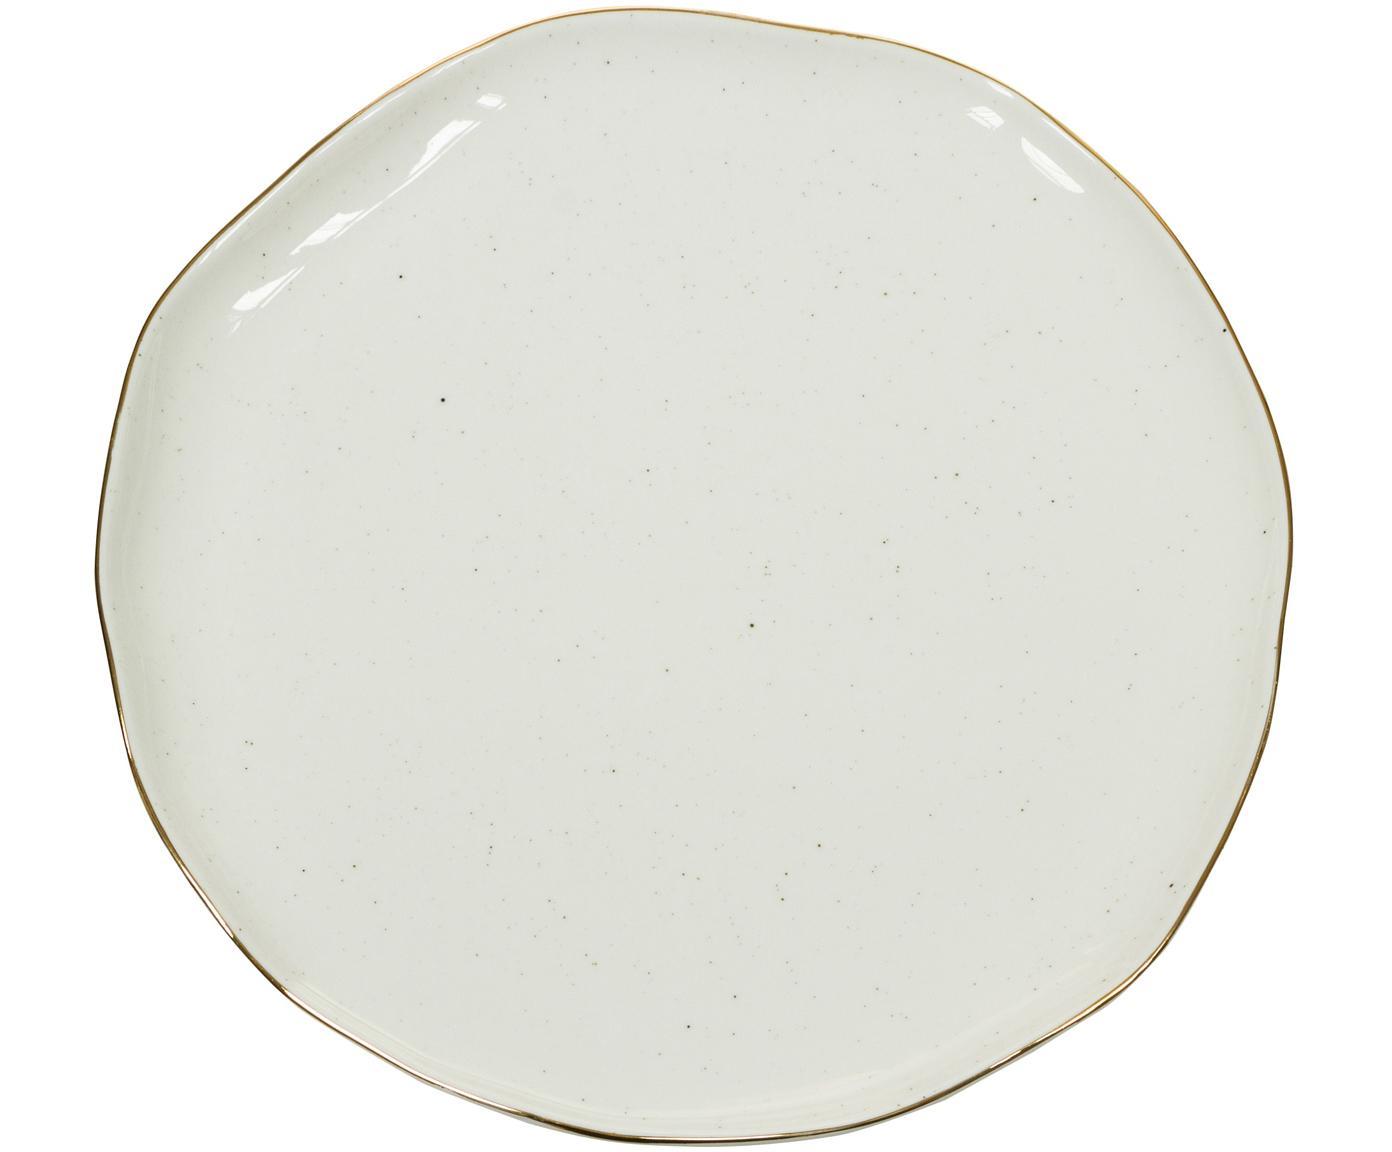 Piatto piano fatto a mano con bordo dorato Bol 2 pz, Porcellana, Bianco crema, Ø 26 x Alt. 3 cm